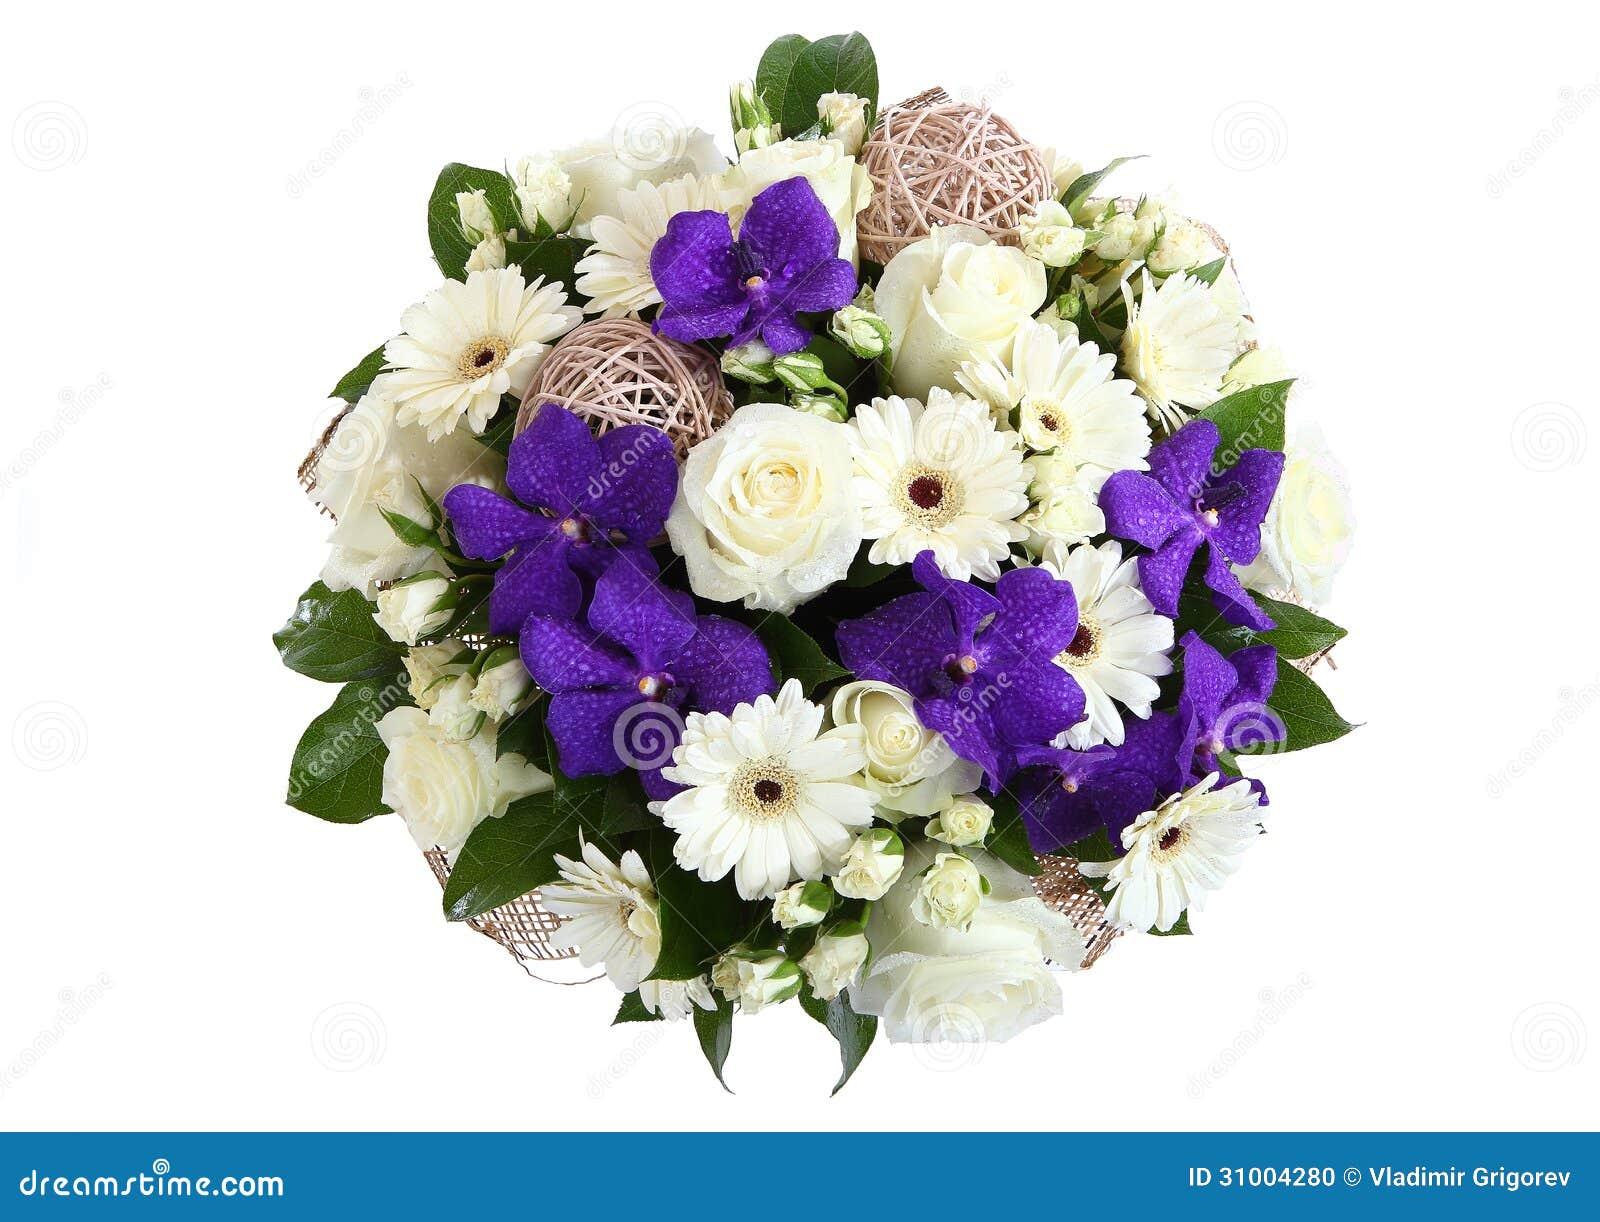 bouquet des roses blanches des marguerites blanches de gerbera et de l 39 orchid e violette photo. Black Bedroom Furniture Sets. Home Design Ideas